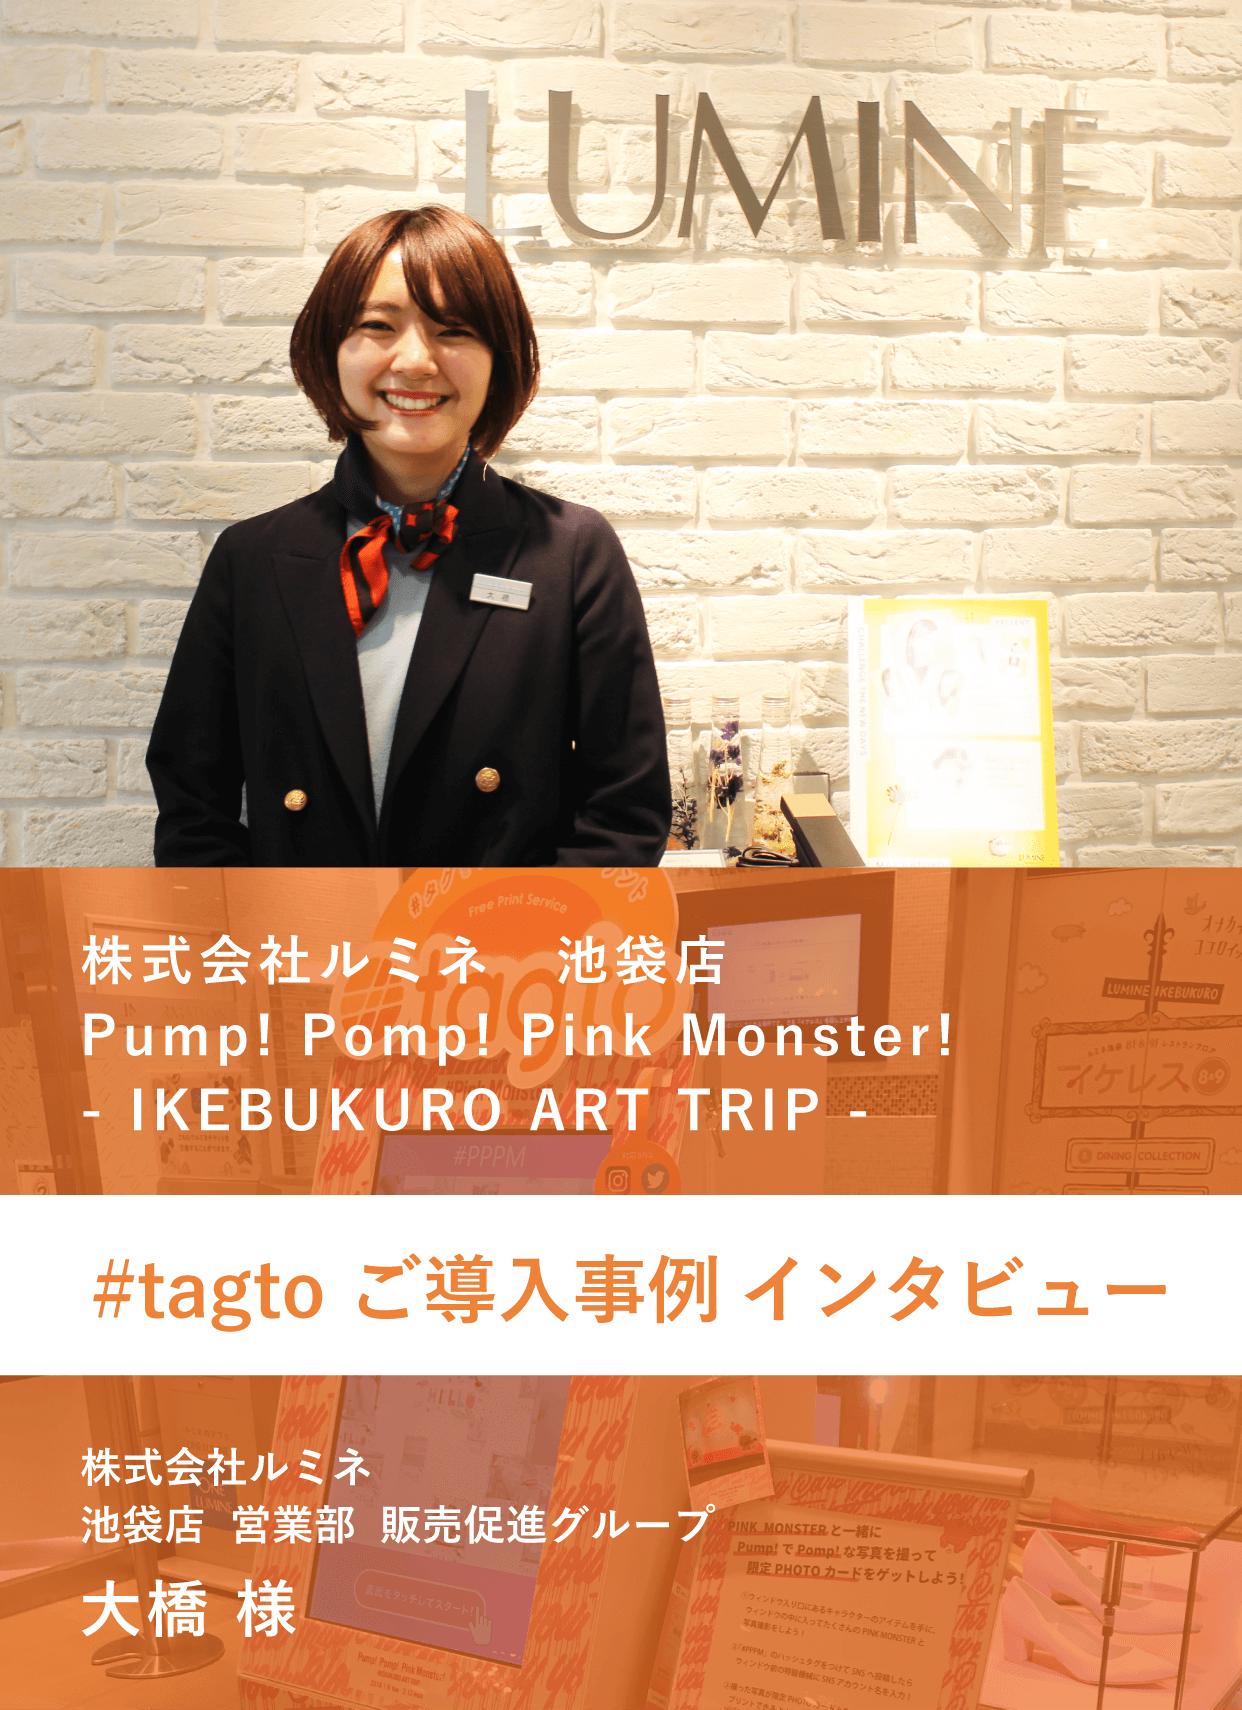 株式会社ルミネ 池袋店 Pump! Pomp! Pink Monster! - IKEBUKURO ART TRIP - #tagto ご導入事例 インタビュー